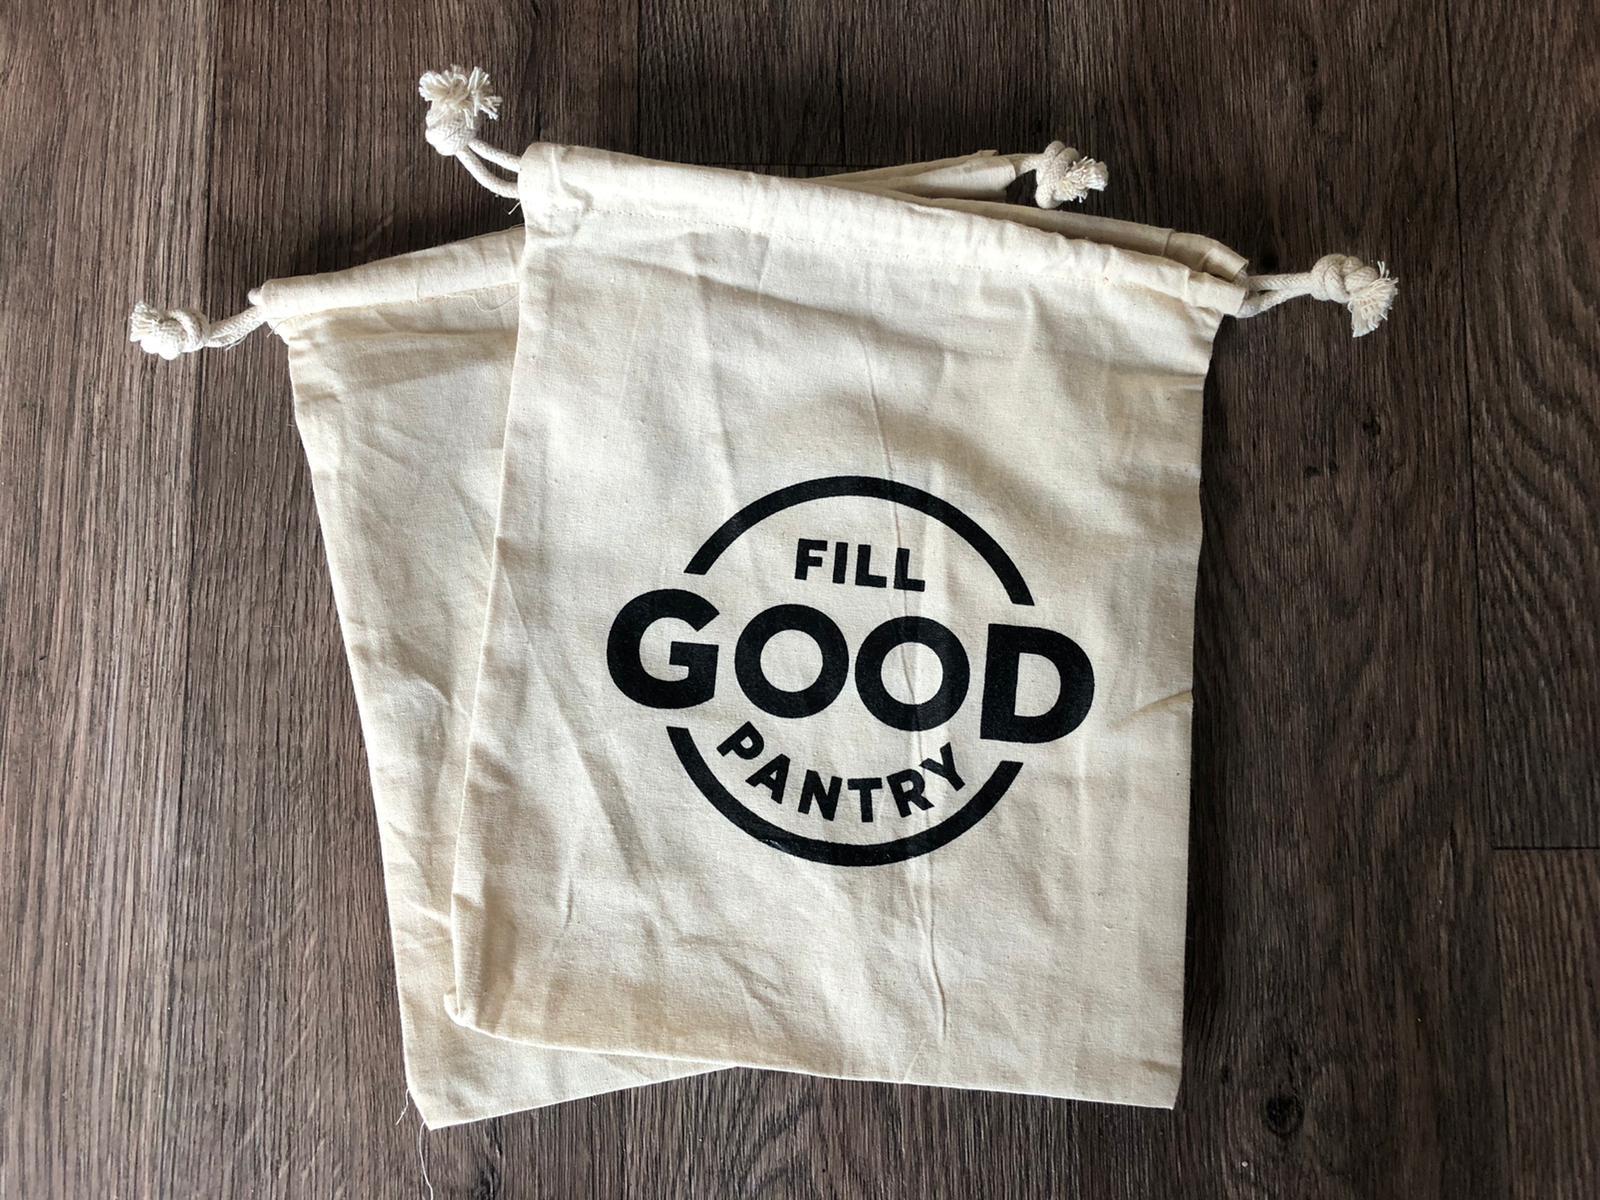 Fill Good Pantry Bags